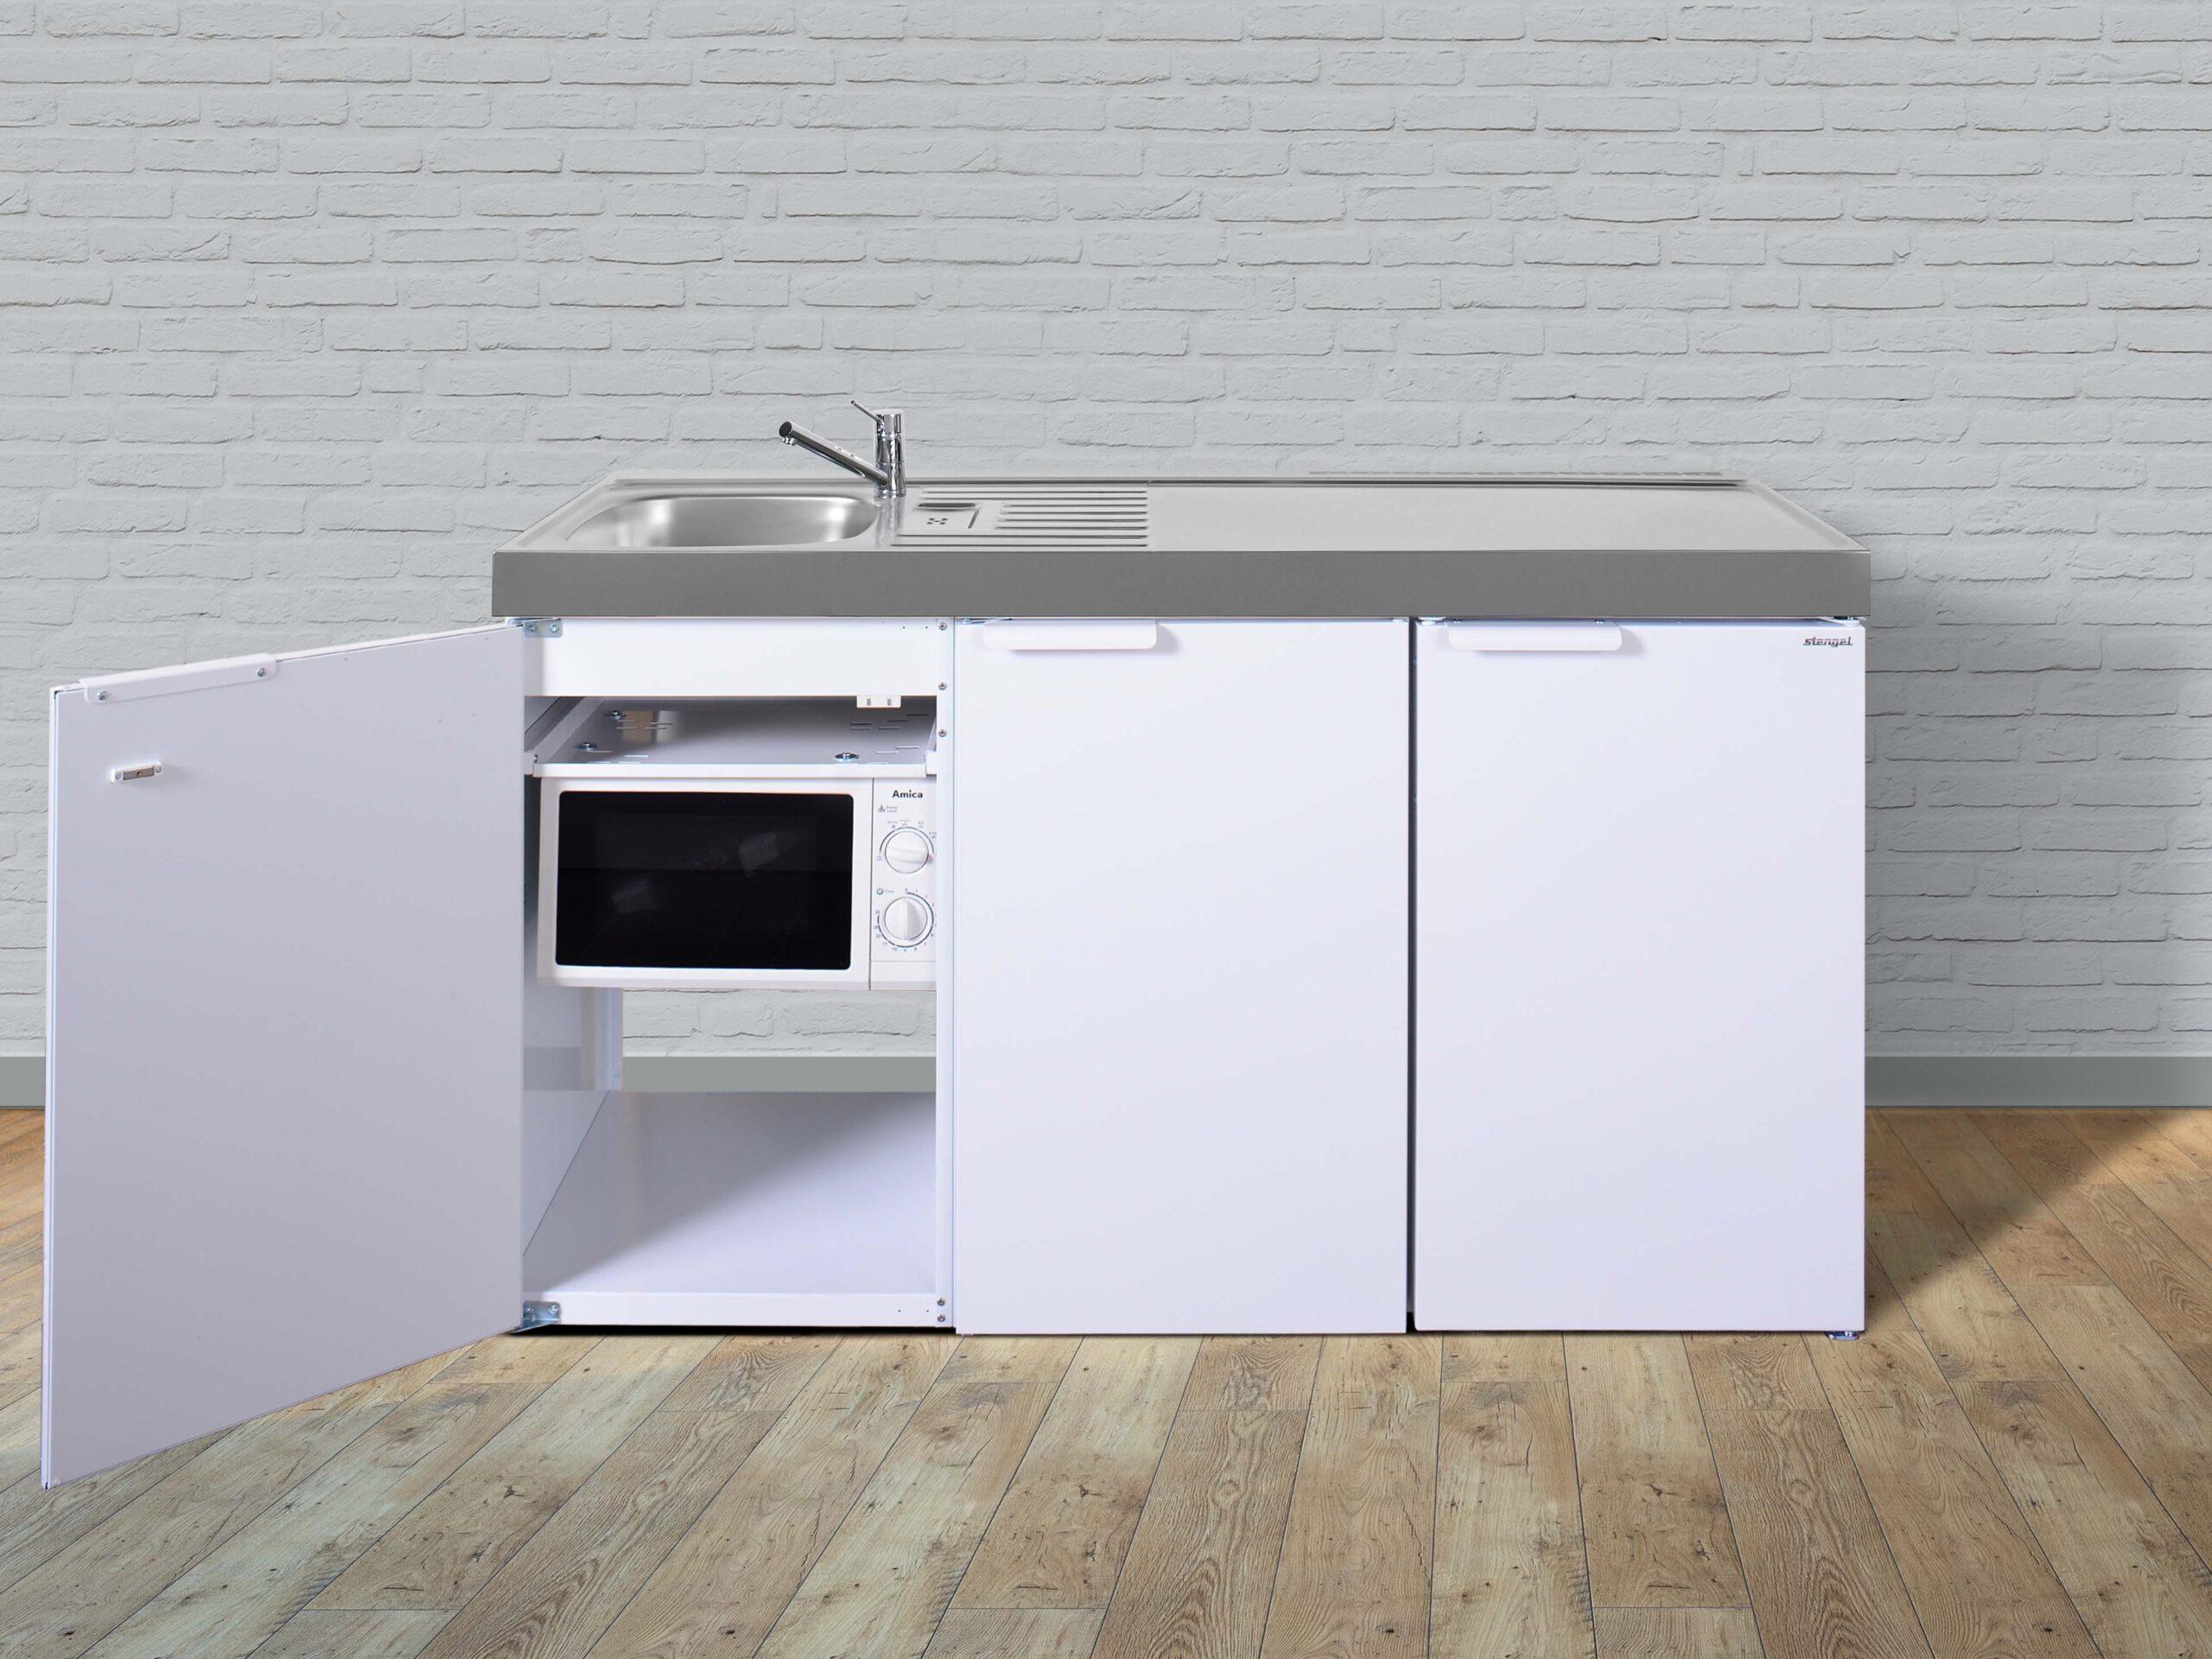 Full Size of Stengel Minikche Mkm 150 Mit Sple Rechts Und Ohne Kochfeld Hai End Wohnzimmer Miniküchen